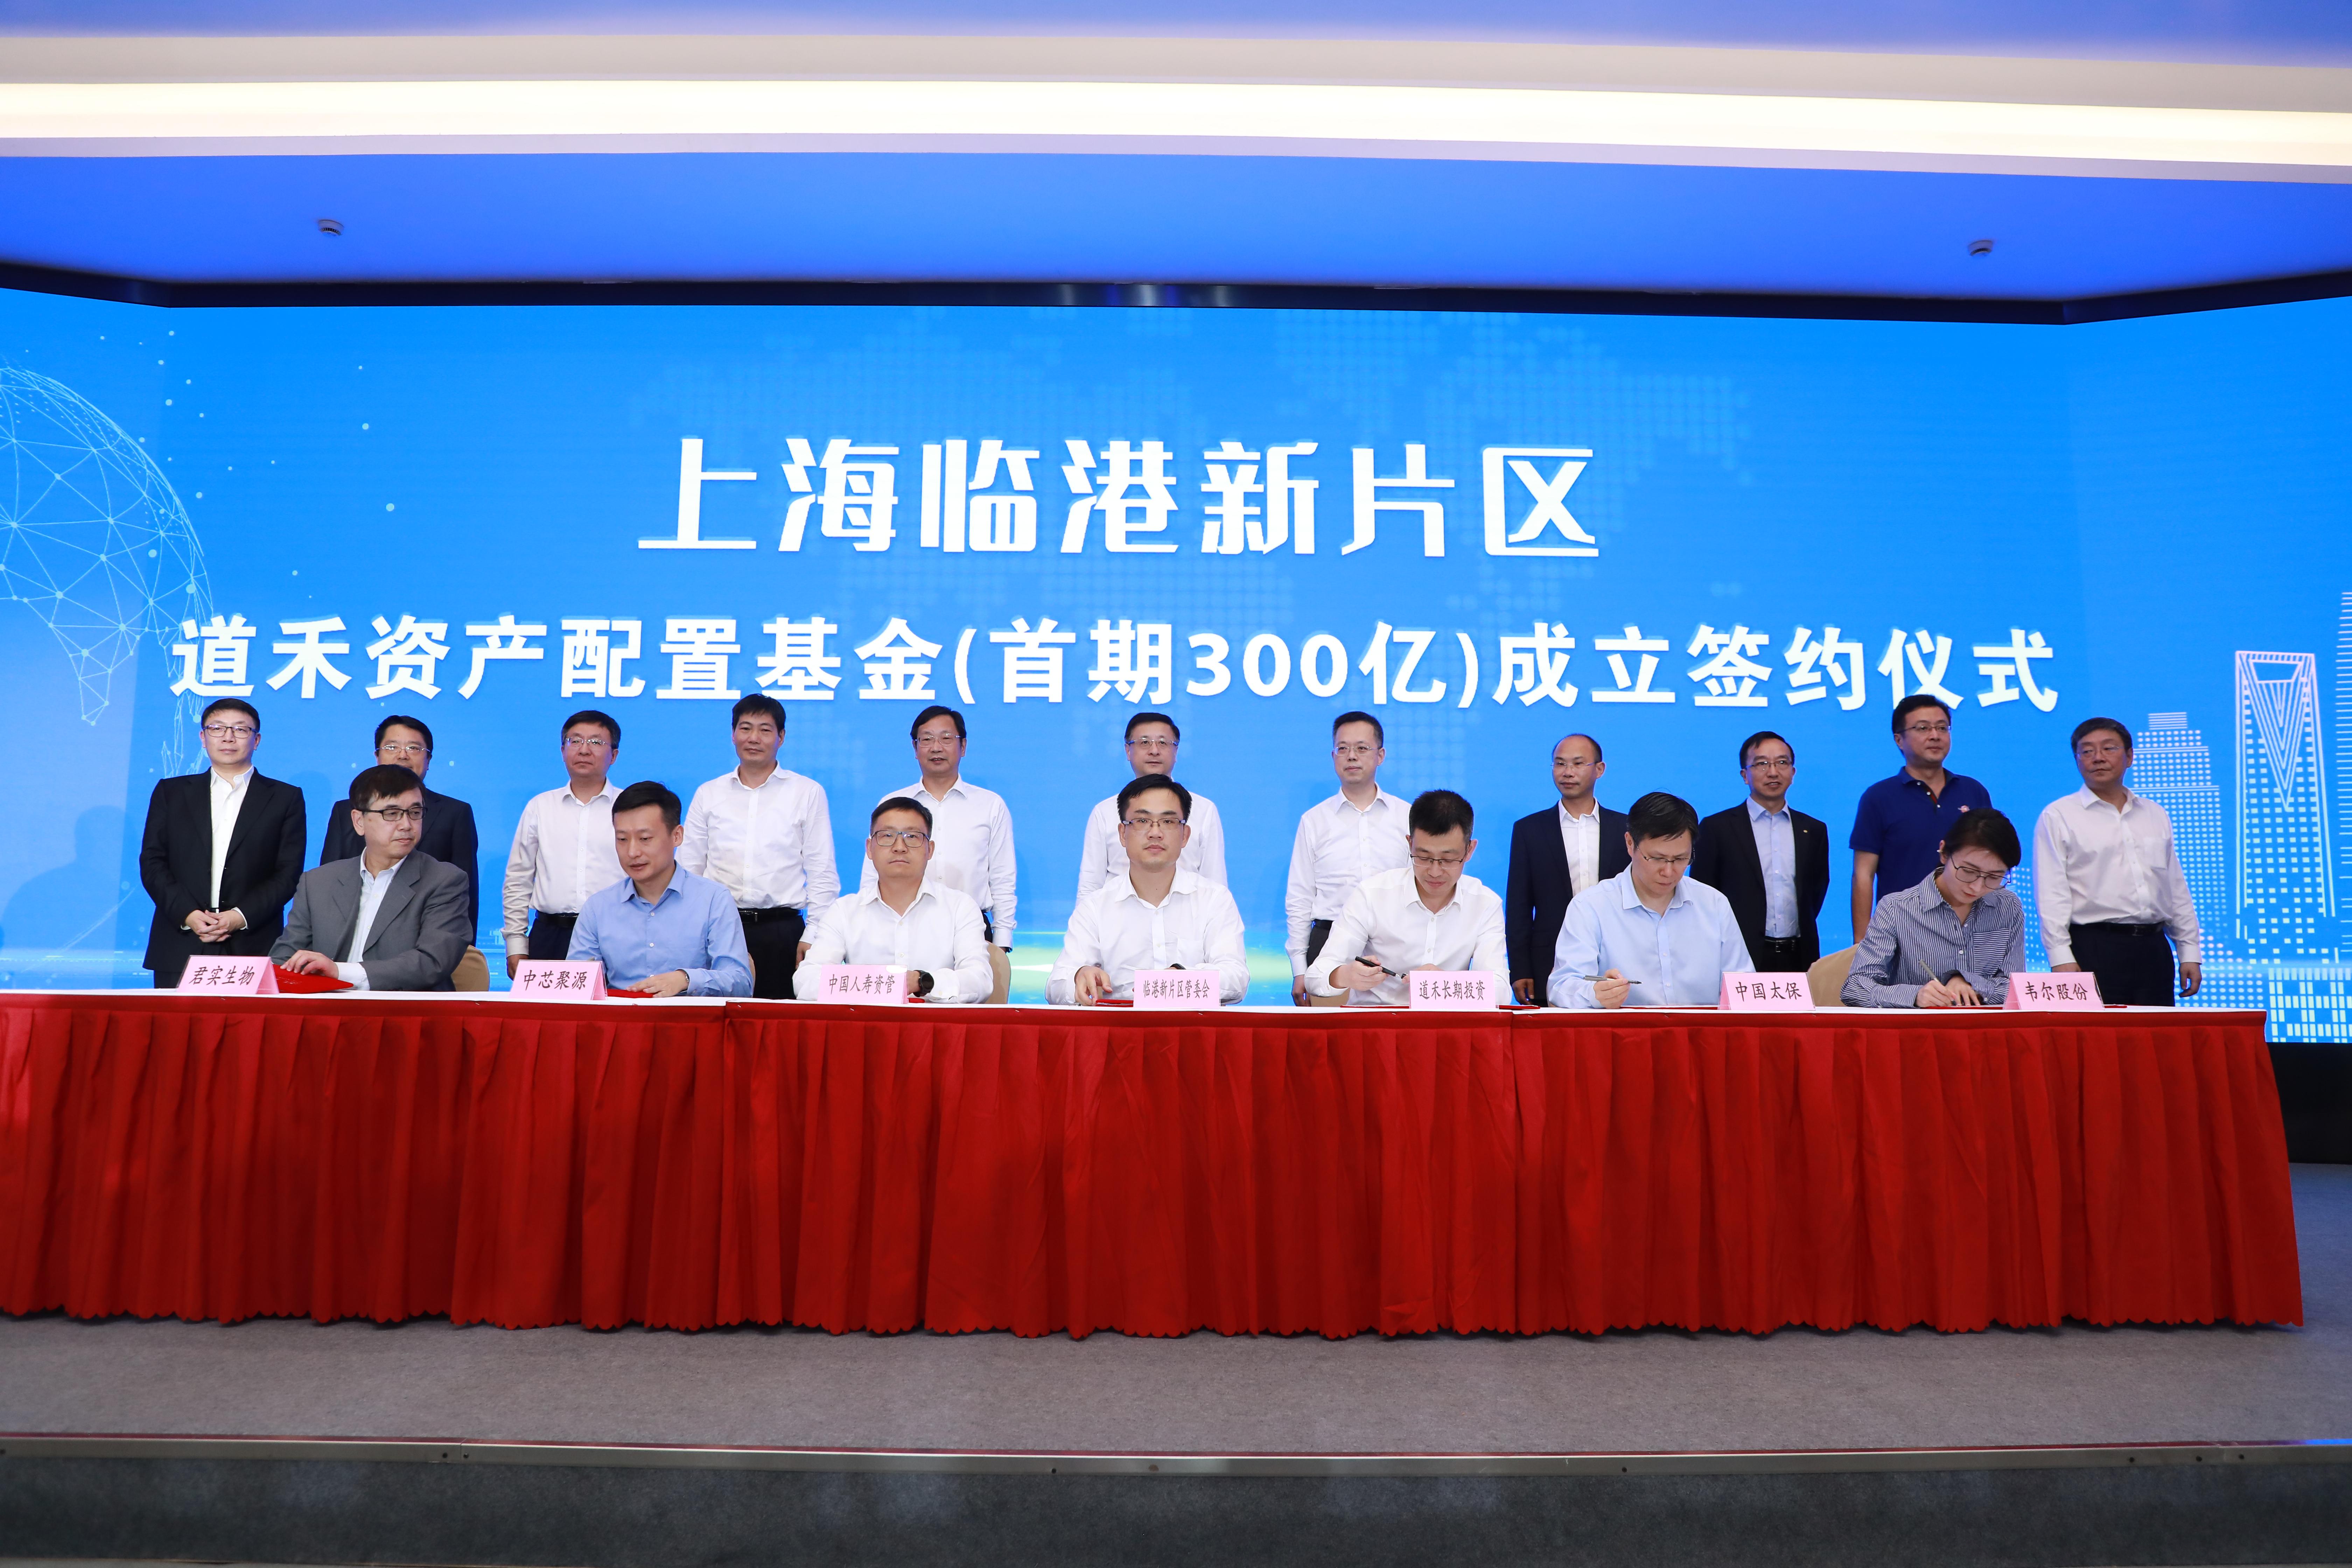 必晟娱乐新闻:上海临港新片区道禾资产配置基金成立,首期规模300亿元